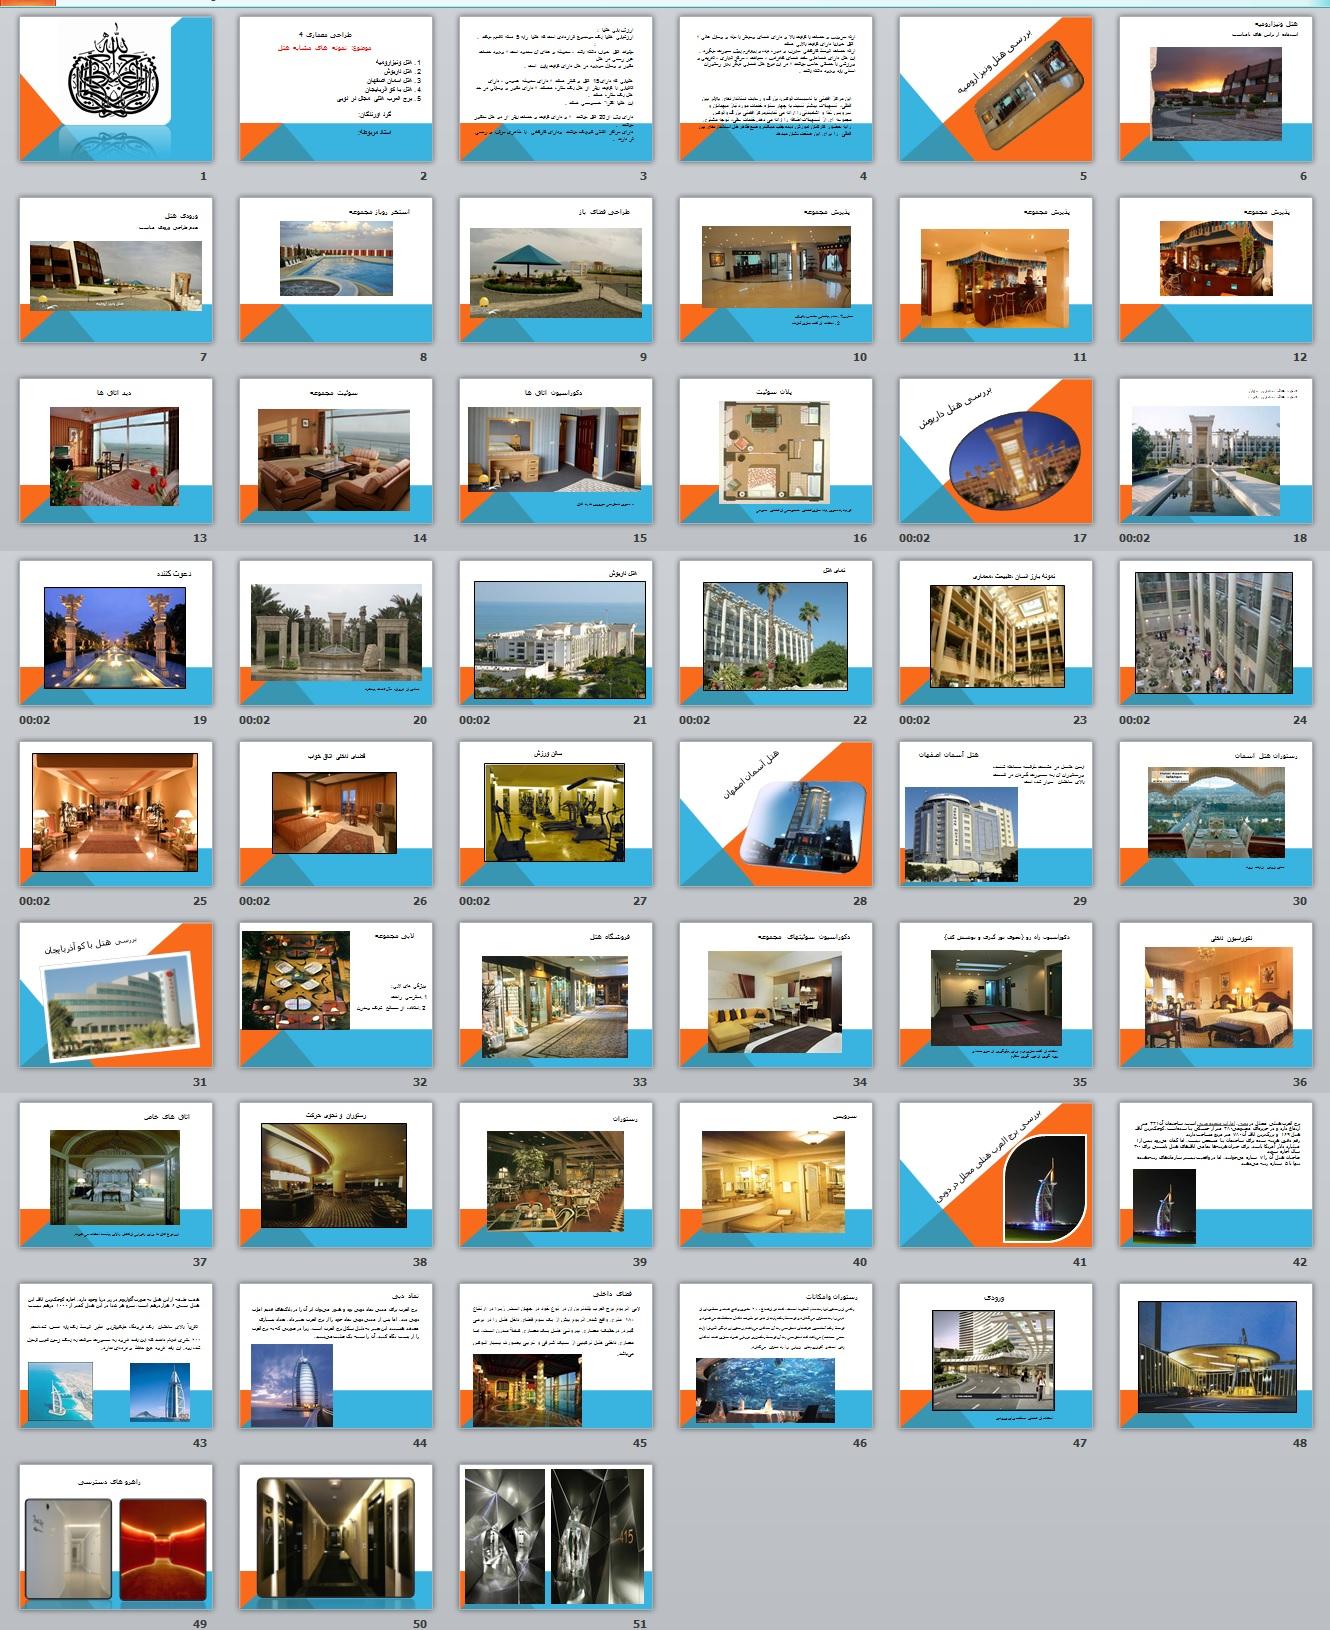 پیش نمایش 5نمونه مشابه هتل(طرح معماری4)